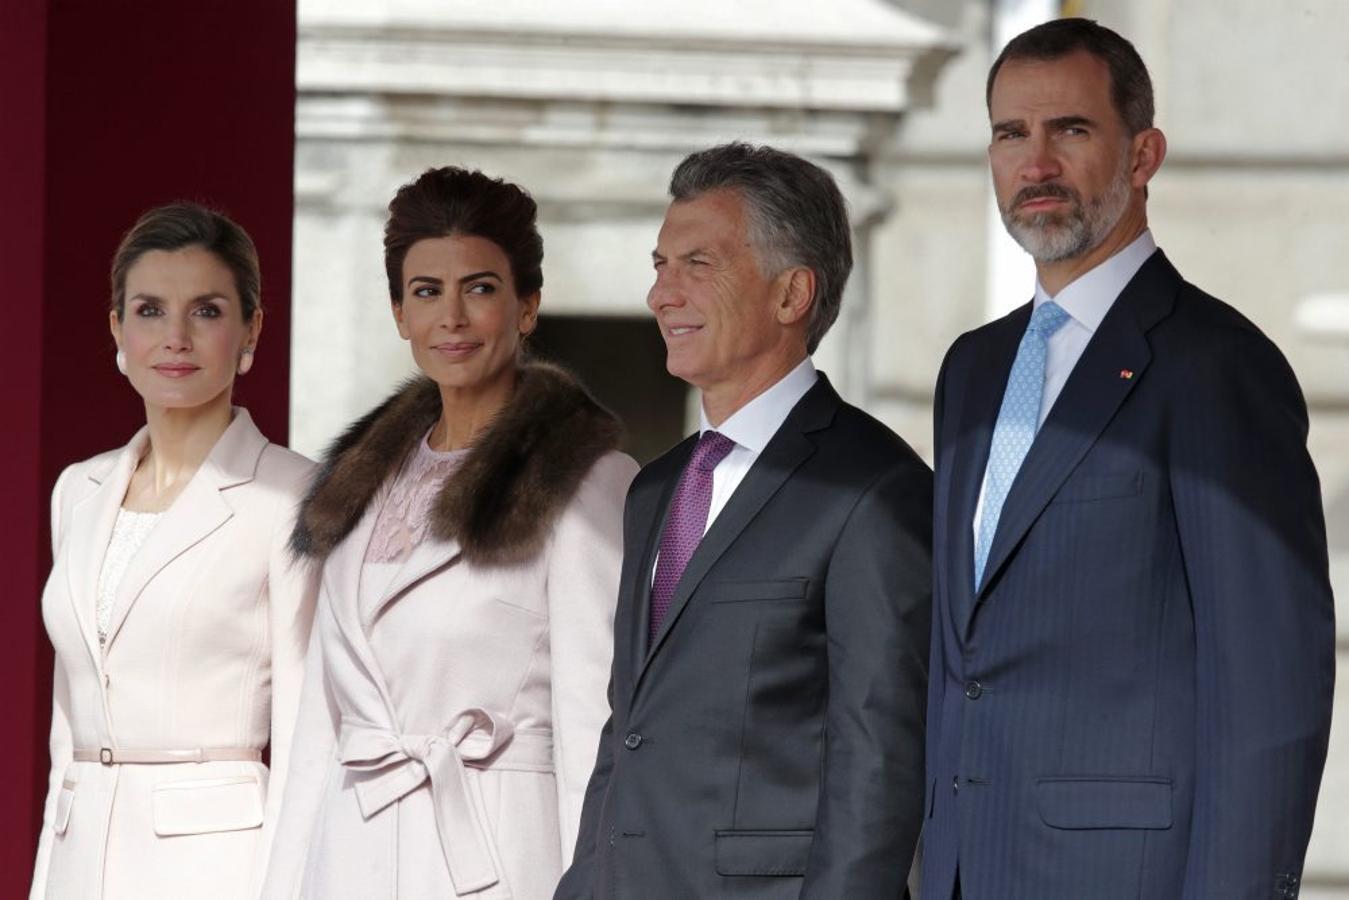 El Rey Felipe VI y la Reina Letizia reciben al presidente de Argentina, Mauricio Macri, en Madrid